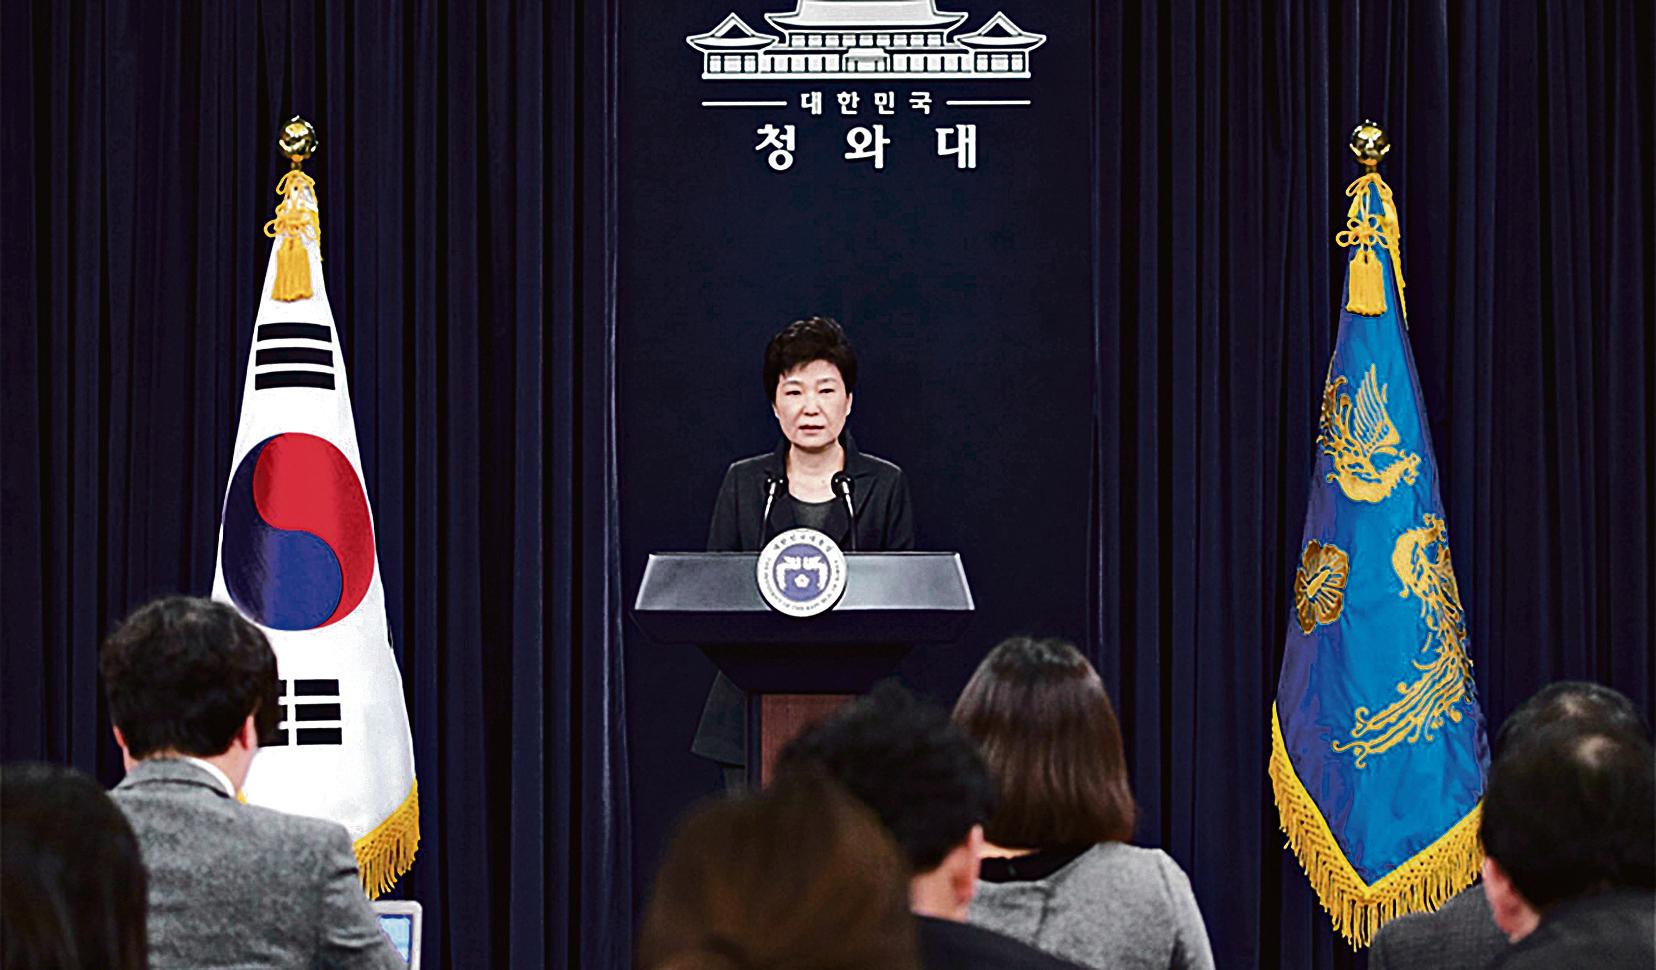 深陷「閨蜜干政」風暴的南韓總統朴槿惠,再被檢方調查是否逼捐。圖為朴槿惠於4日發表講話,稱必要時願接受檢方甚至特檢的調查。(南韓青瓦台提供)